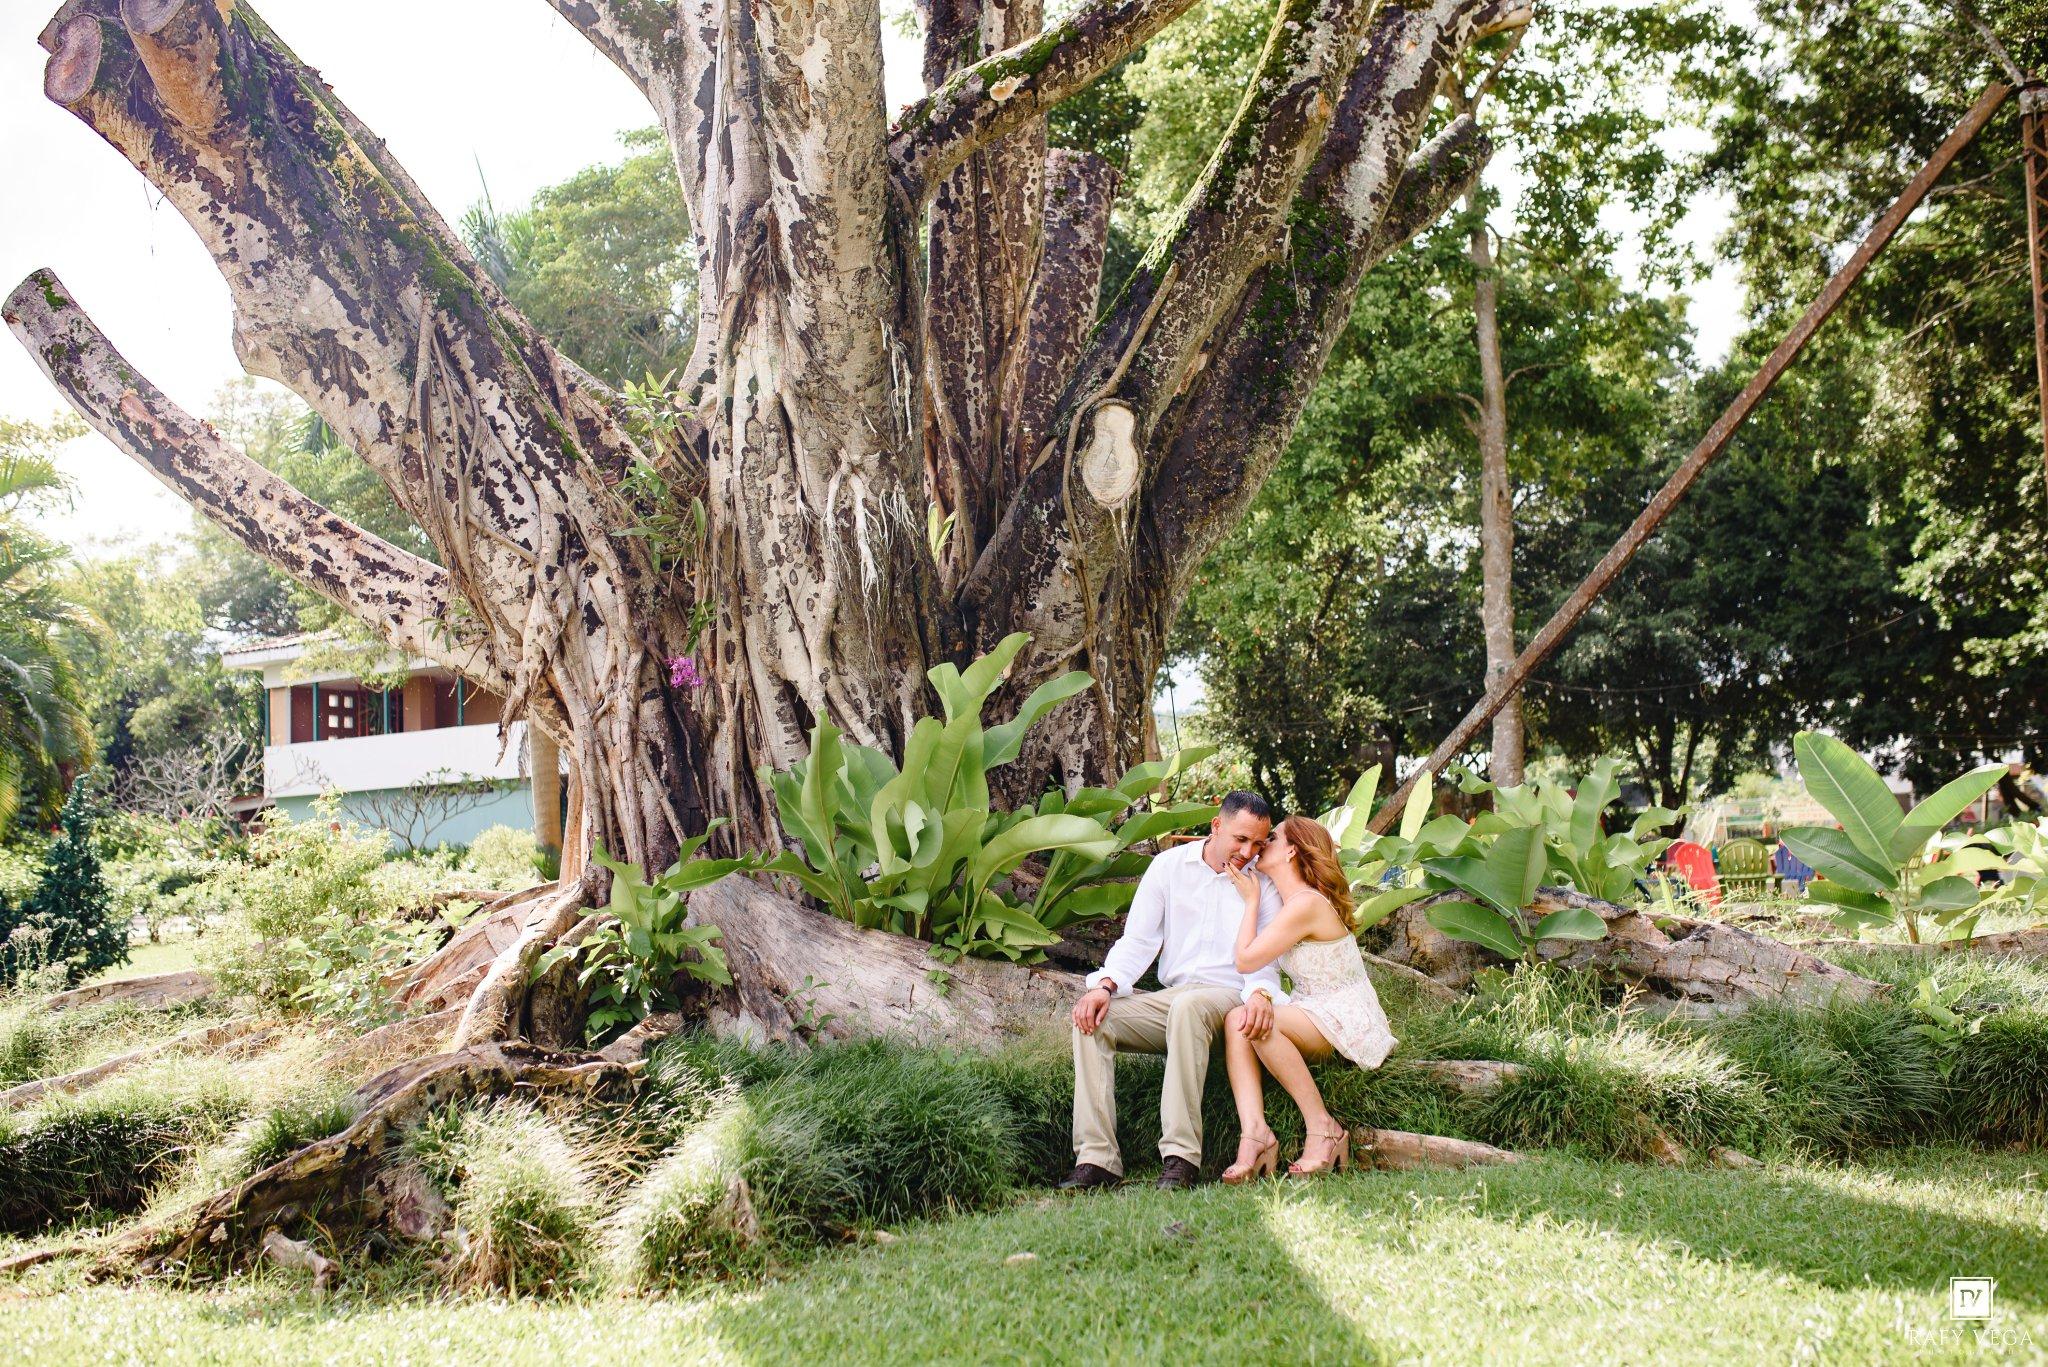 Una historia de amor en el jard n bot nico de caguas for Actividades en el jardin botanico de caguas